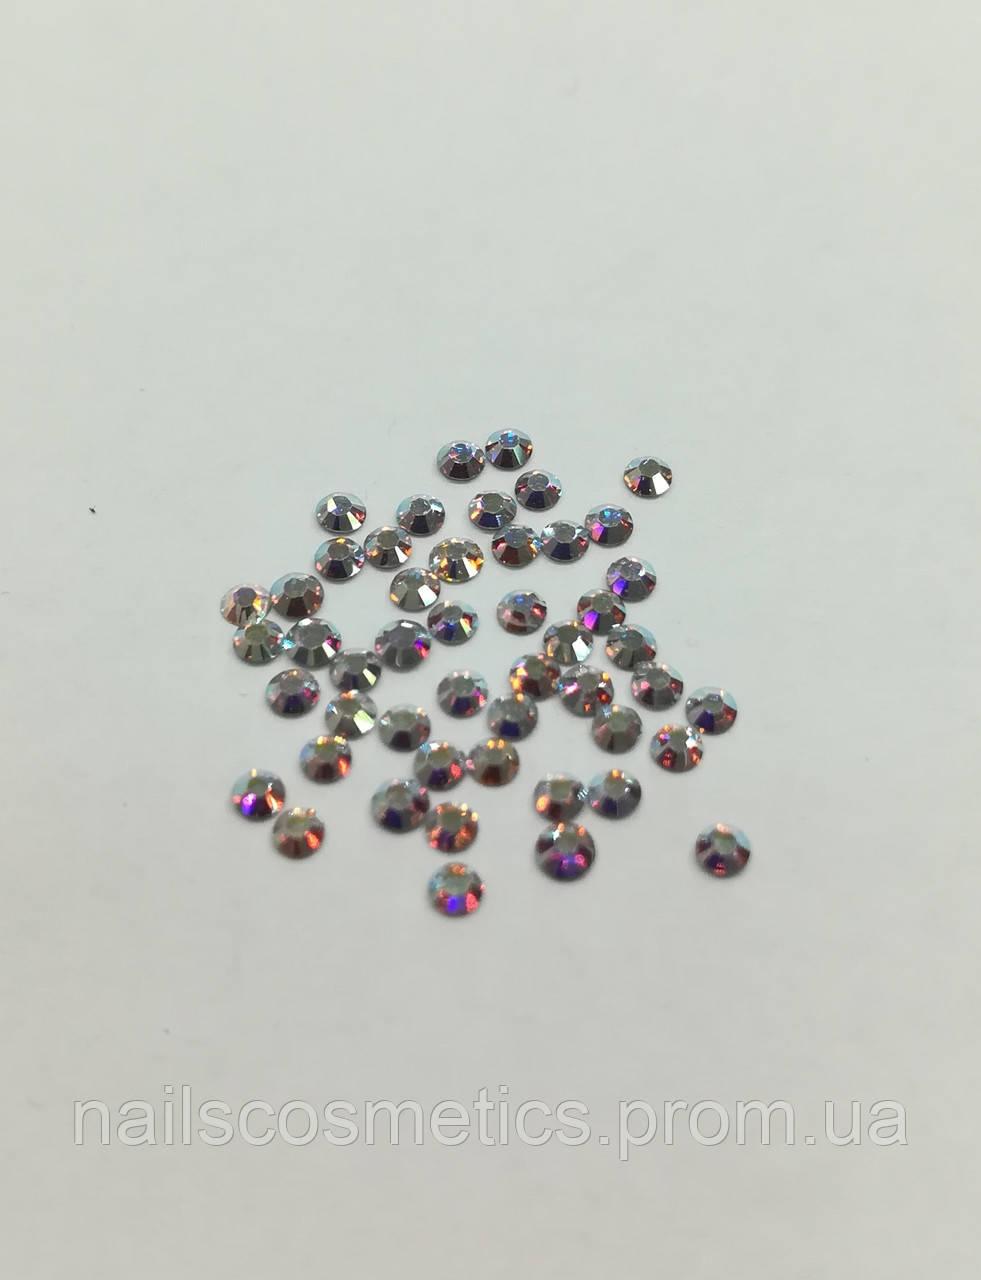 Камни Сваровски голограмма маленькие, 100 шт